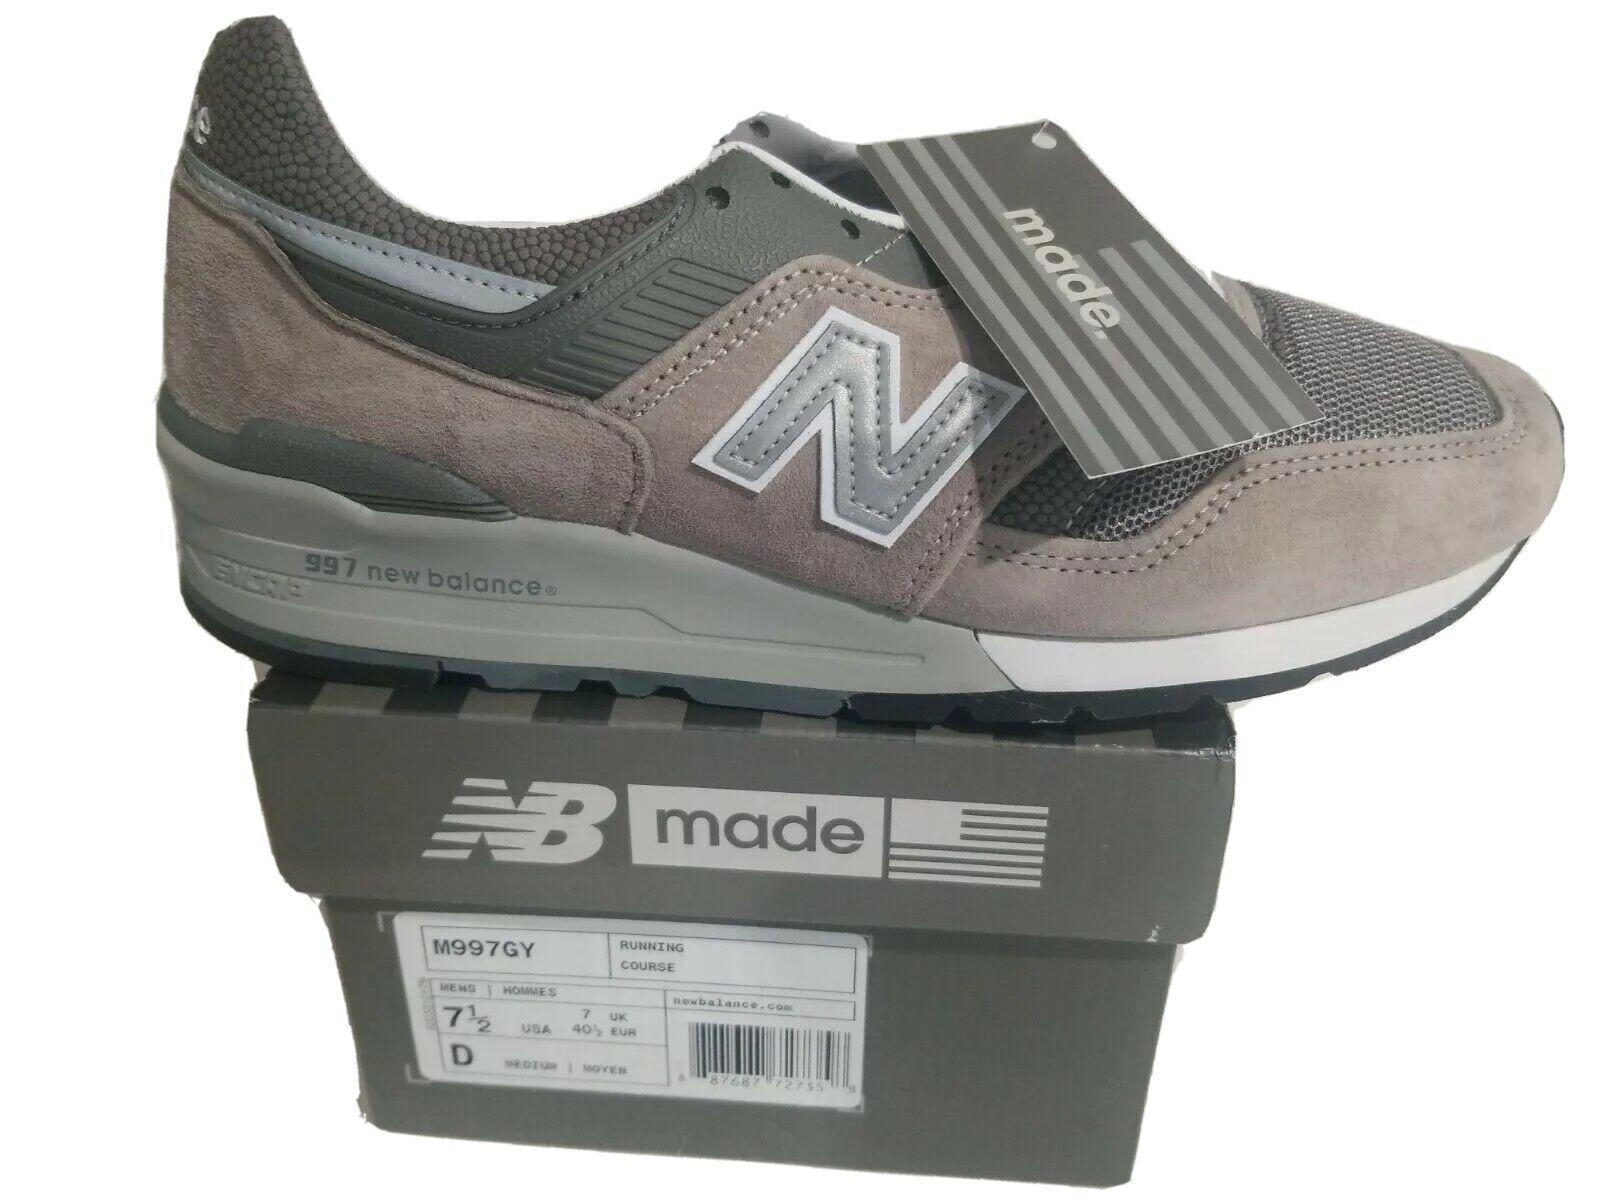 New Balance 997 Made in USA Grey